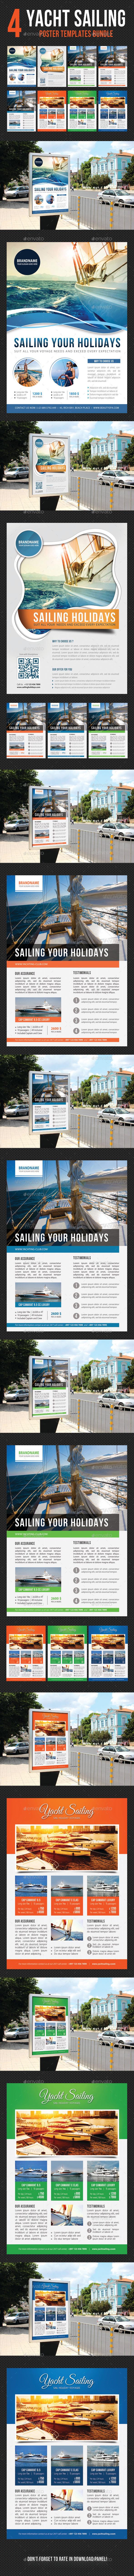 4 Yacht Sailing Poster Templates Bundle 02 - Signage Print Templates